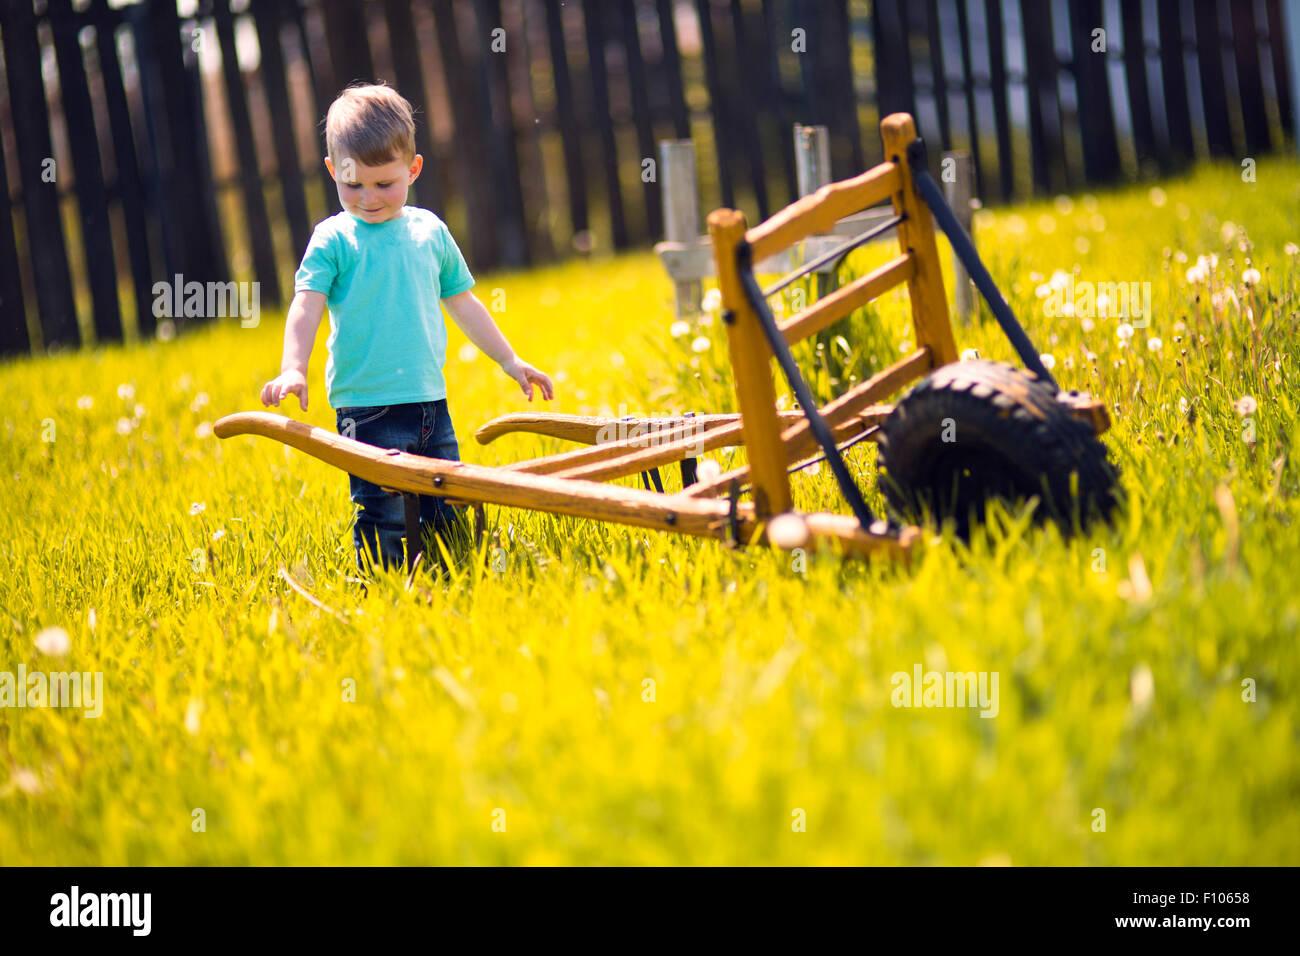 Chico trabajando en los campos y empujando una carretilla de mano Imagen De Stock